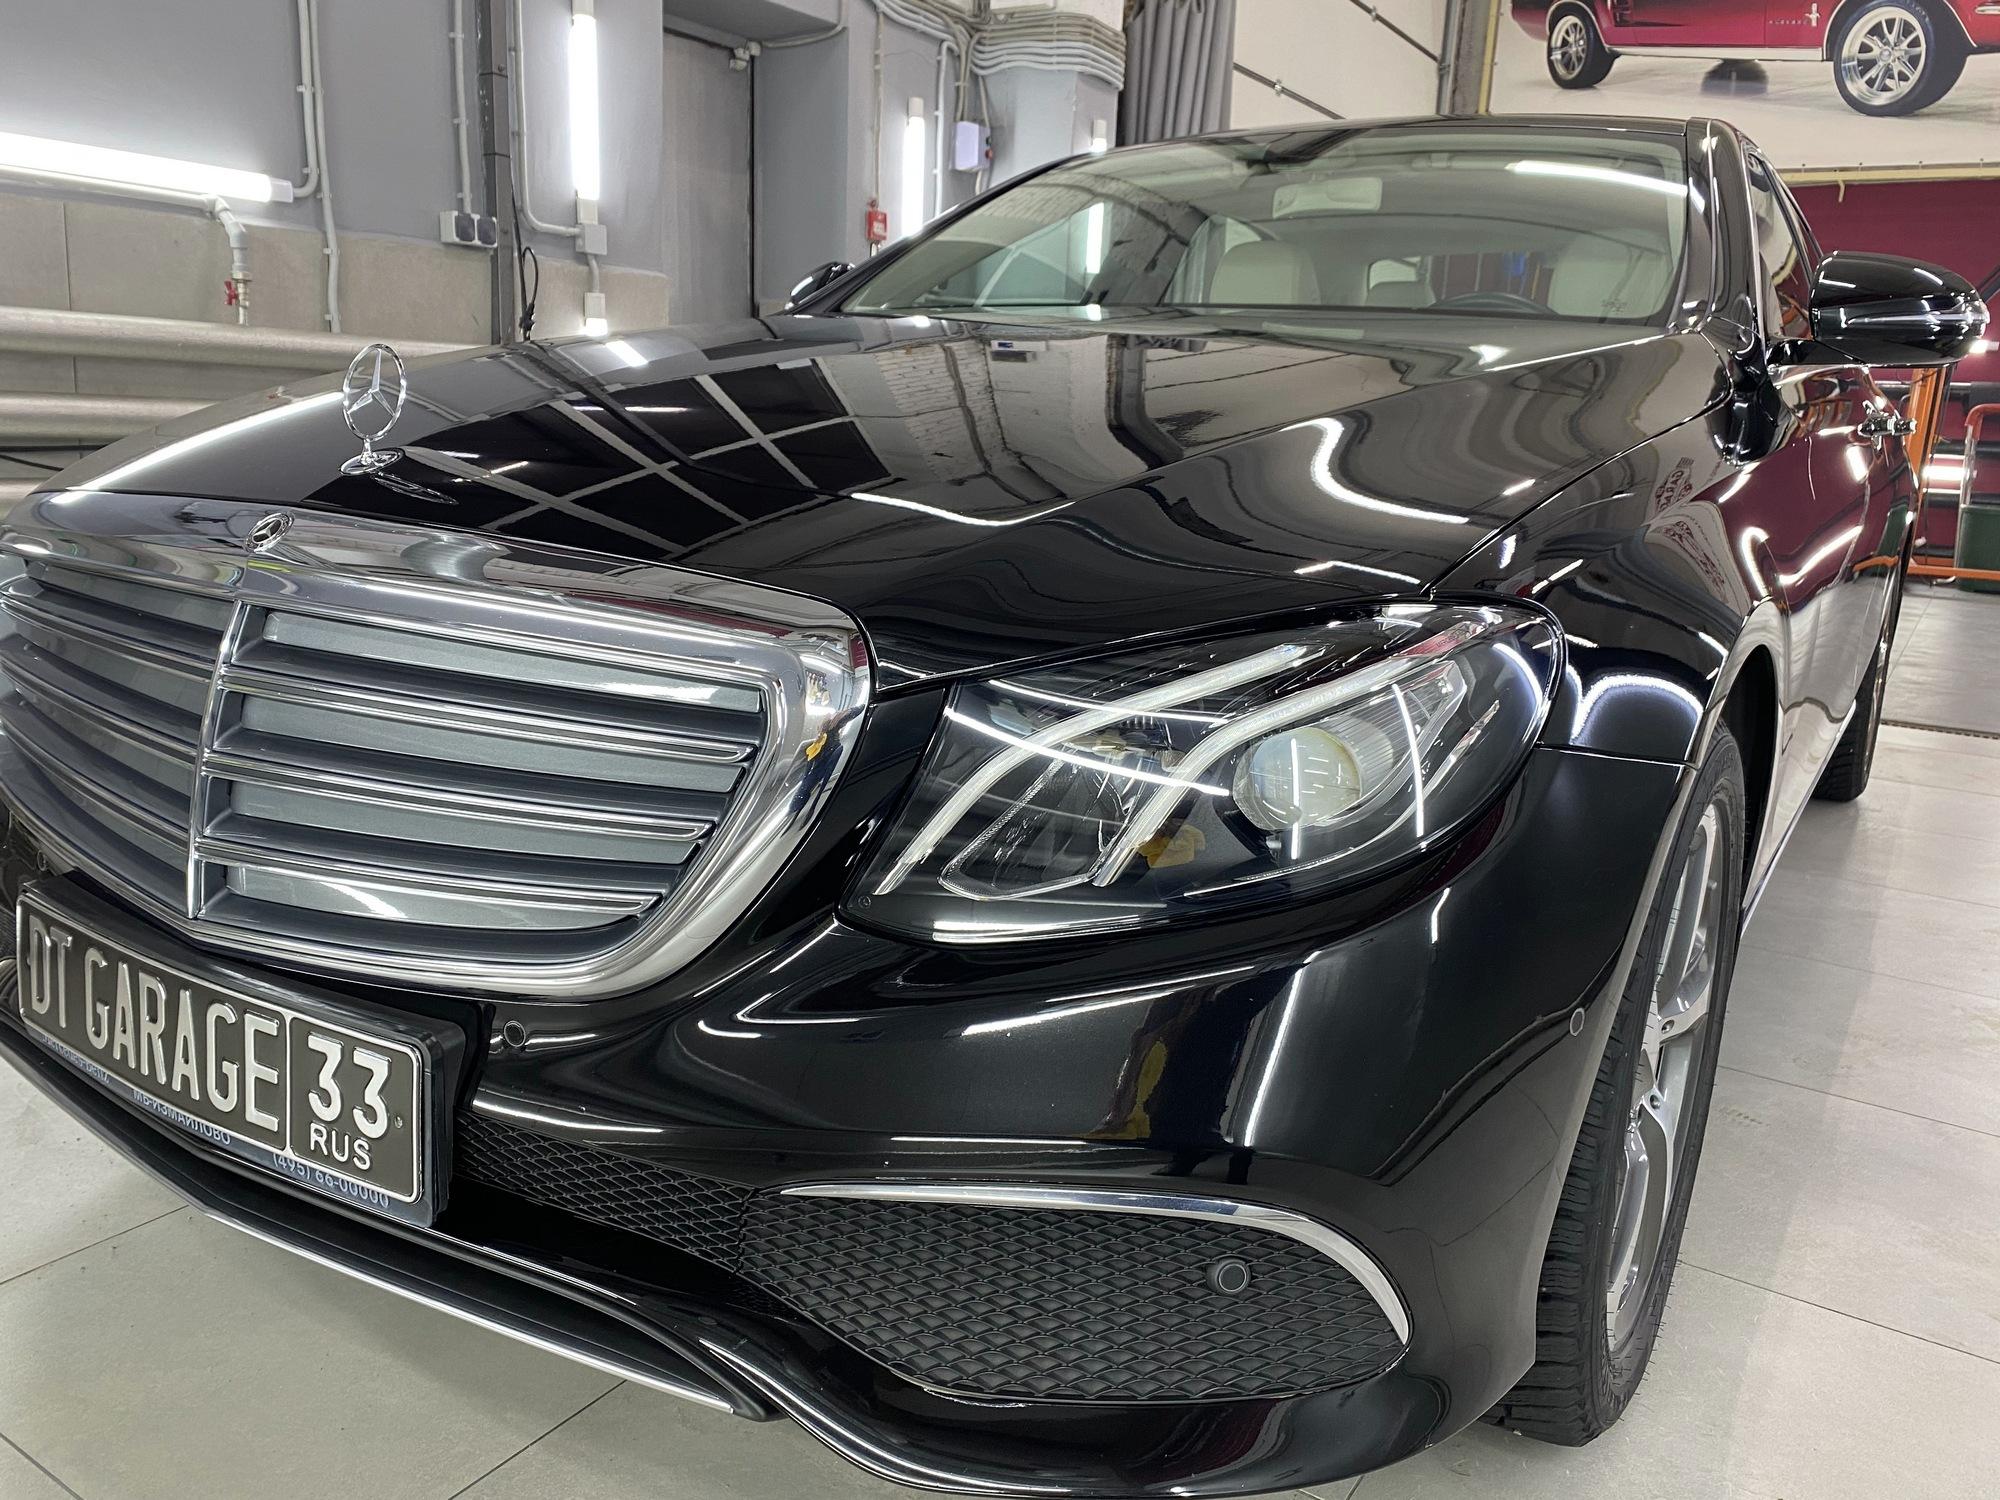 Смотреть черный автомобиль Mercedes Benz E-класс черного цвета под жидким стеклом.